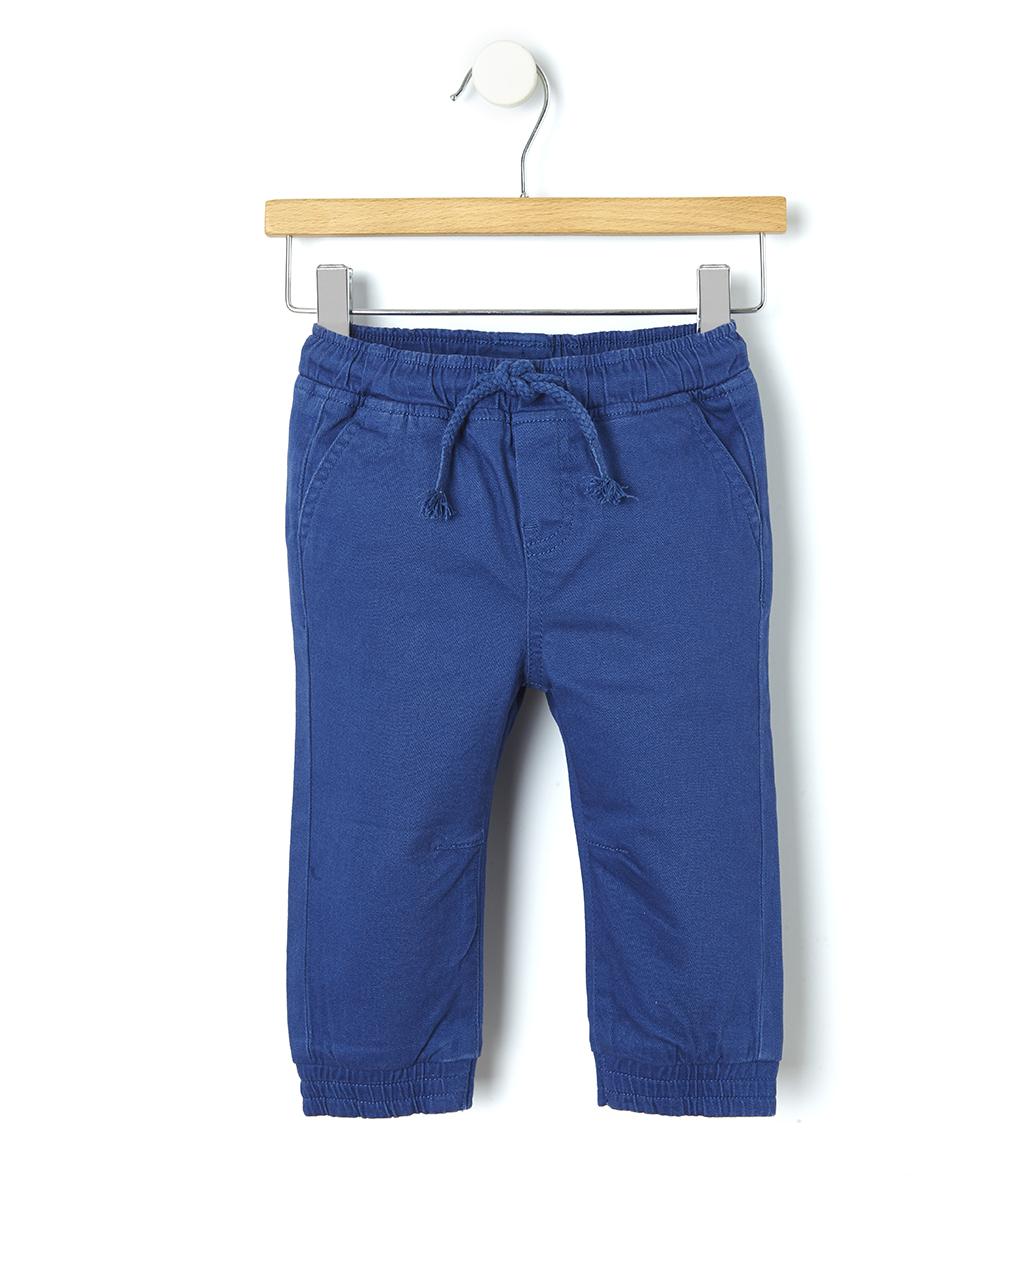 Παντελόνι Twill Μπλε για Αγόρι